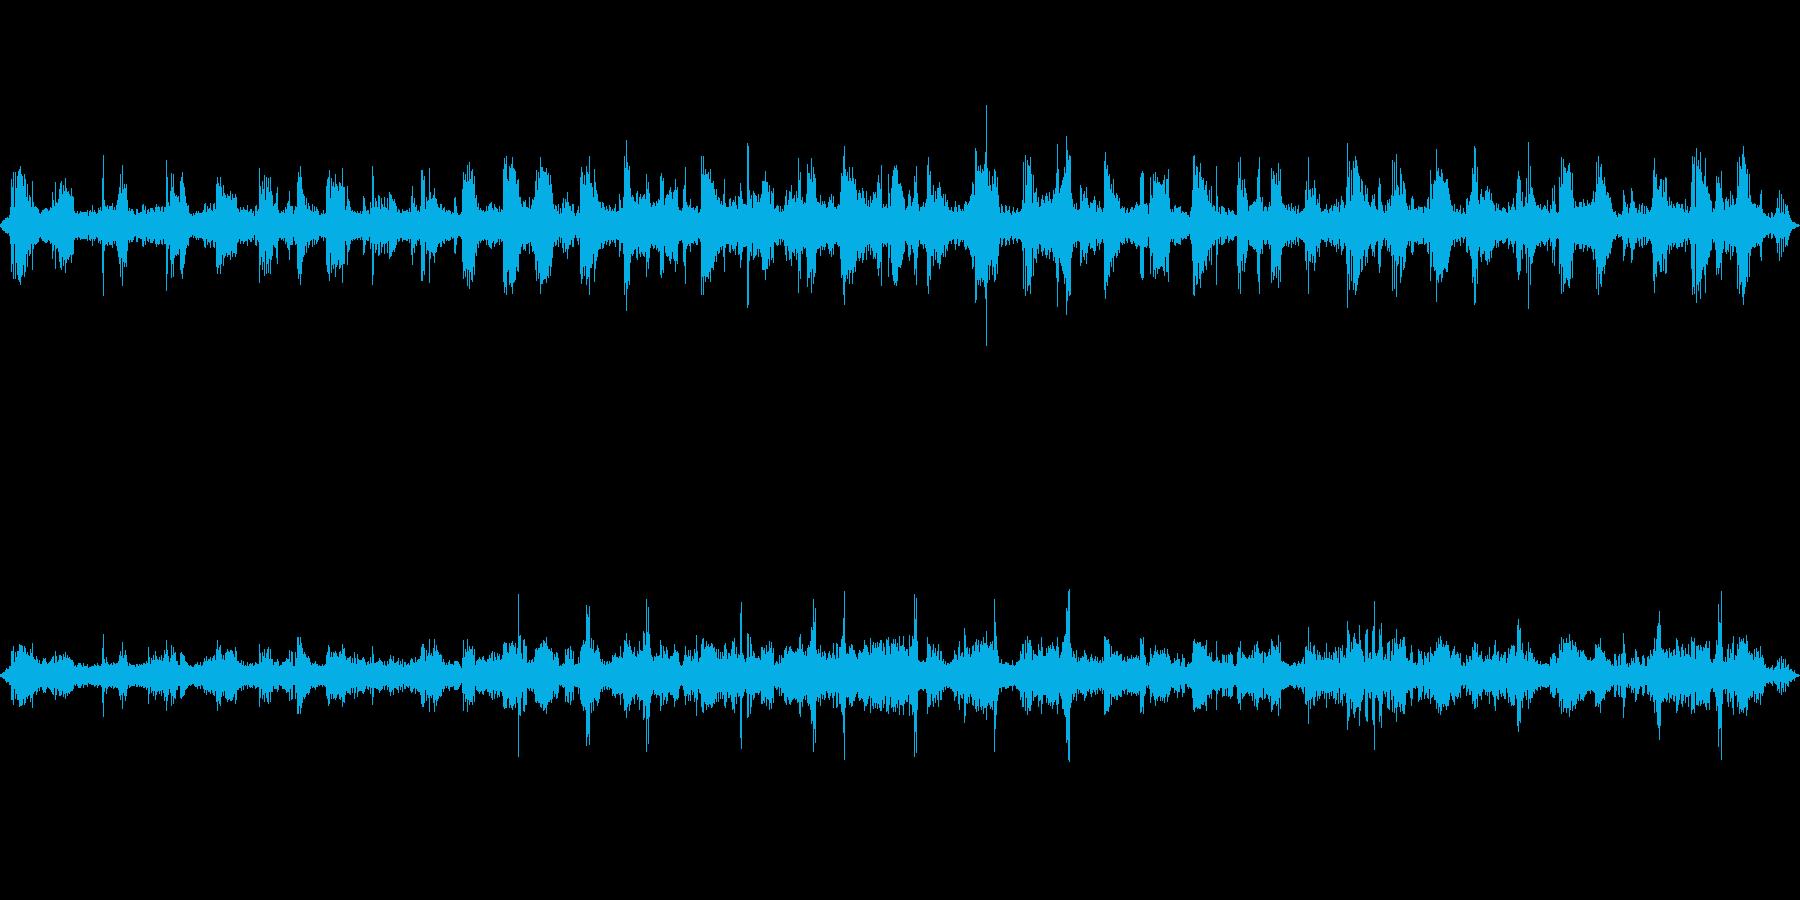 早朝の野鳥コーラス(コーラスに包まれる)の再生済みの波形